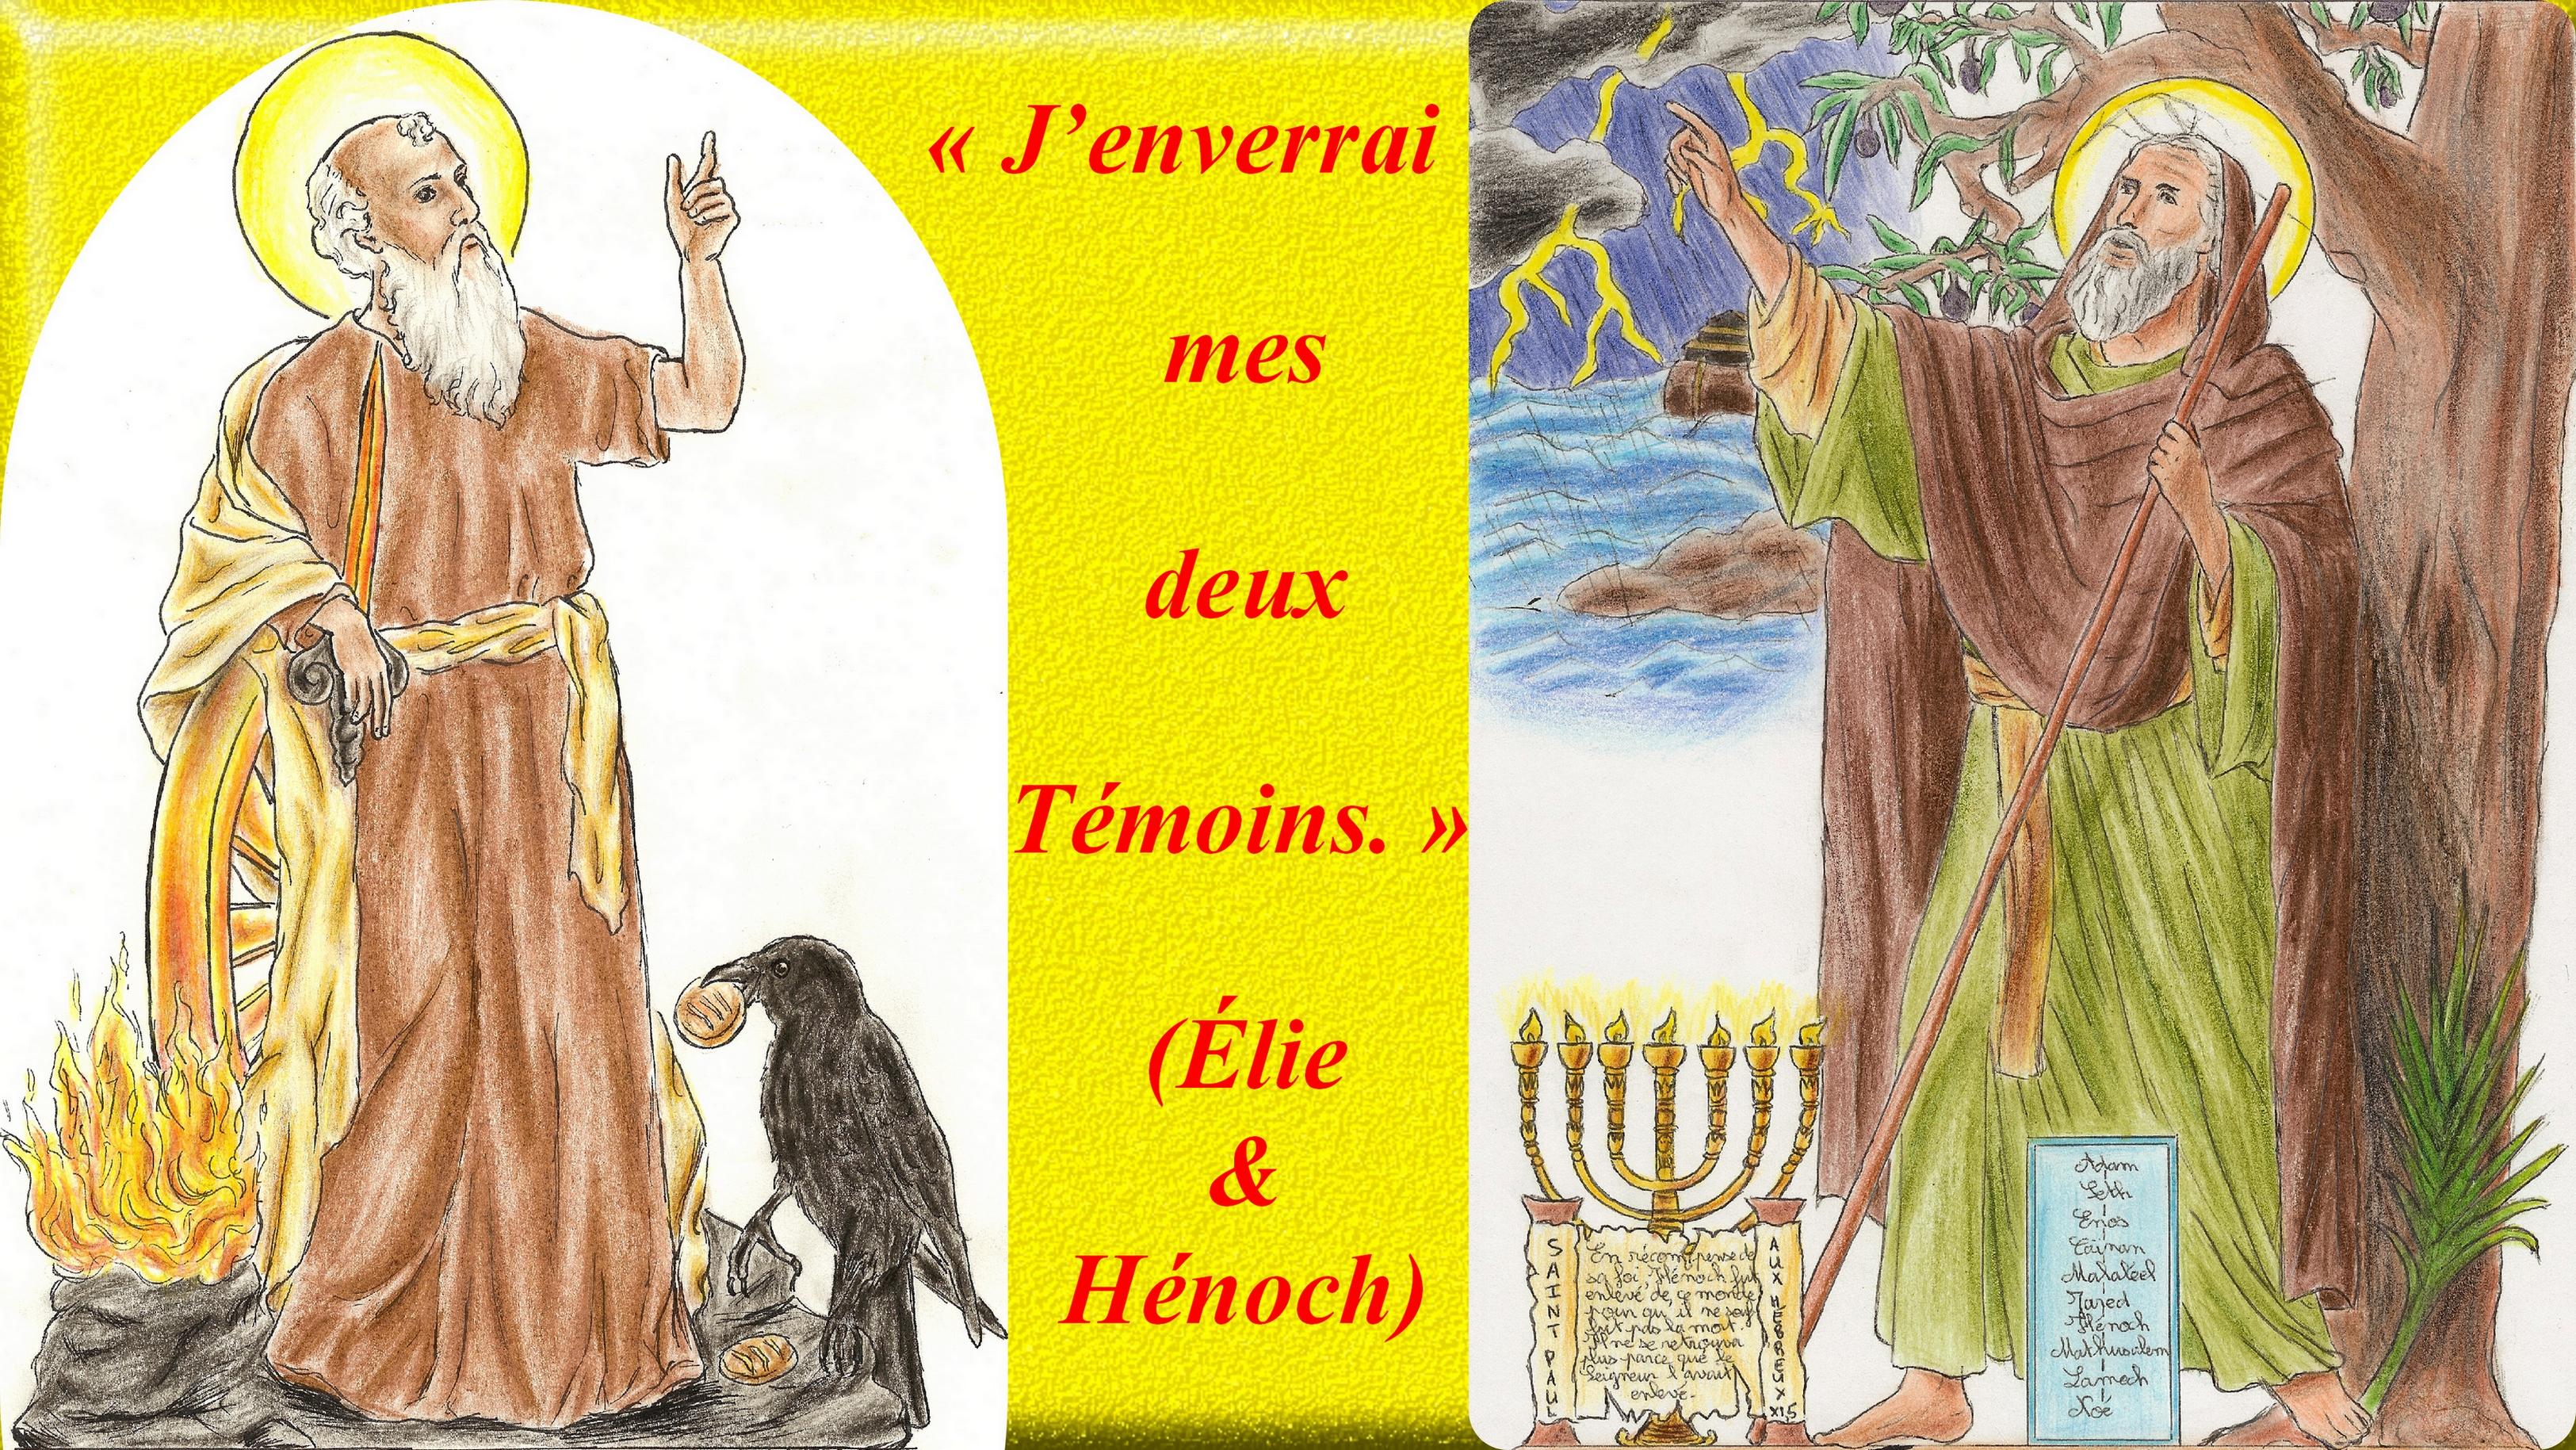 CALENDRIER CATHOLIQUE 2019 (Cantiques, Prières & Images) - Page 3 Le-st-proph-te-li...-noch-1--56642bc